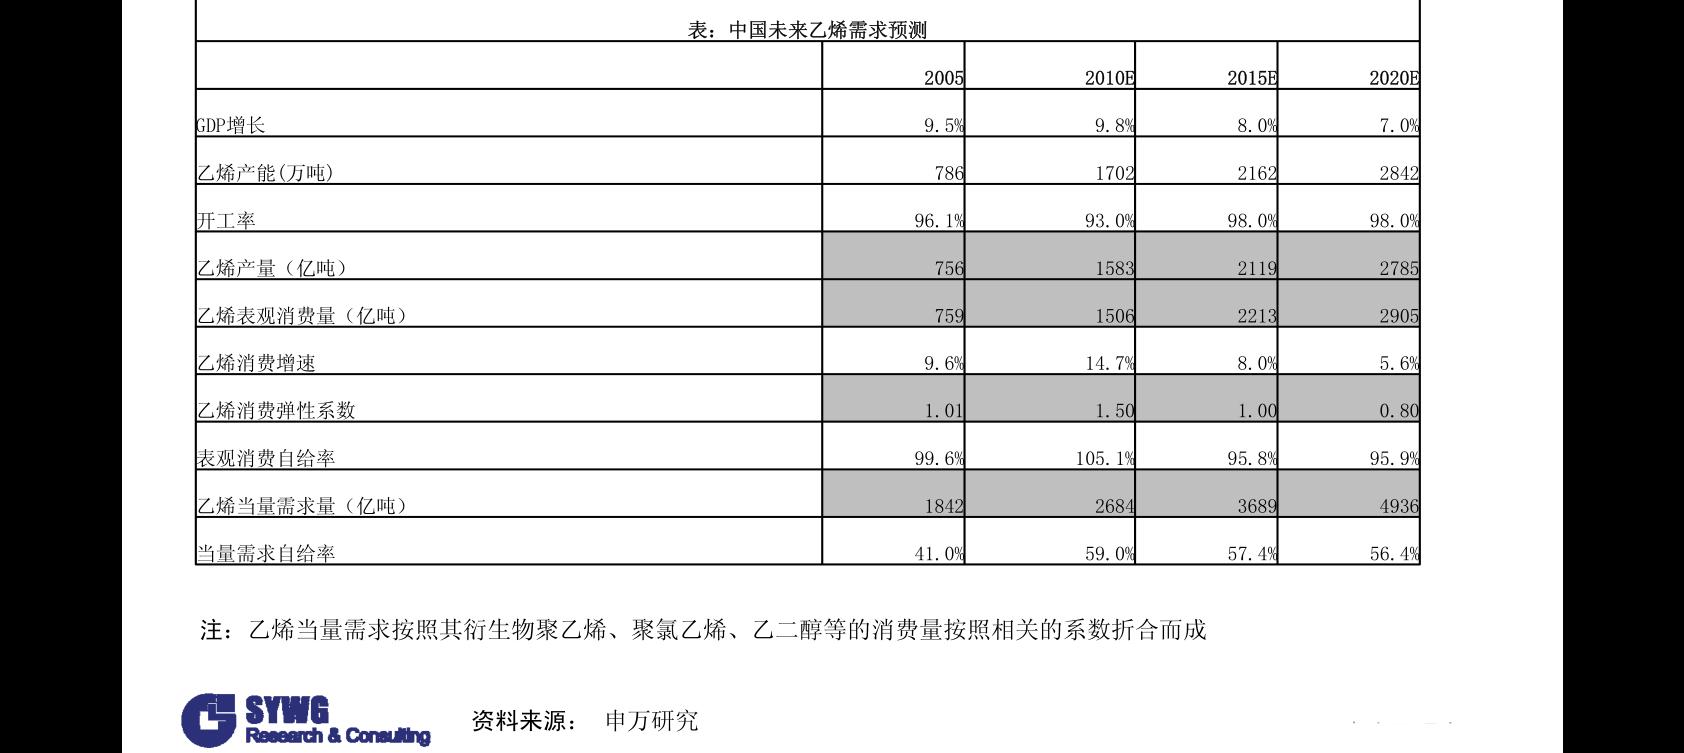 兴业雷火电竞平台-金属雷火网址深度研究报告:镍,电动汽车需求开启雷火网址新周期-210113